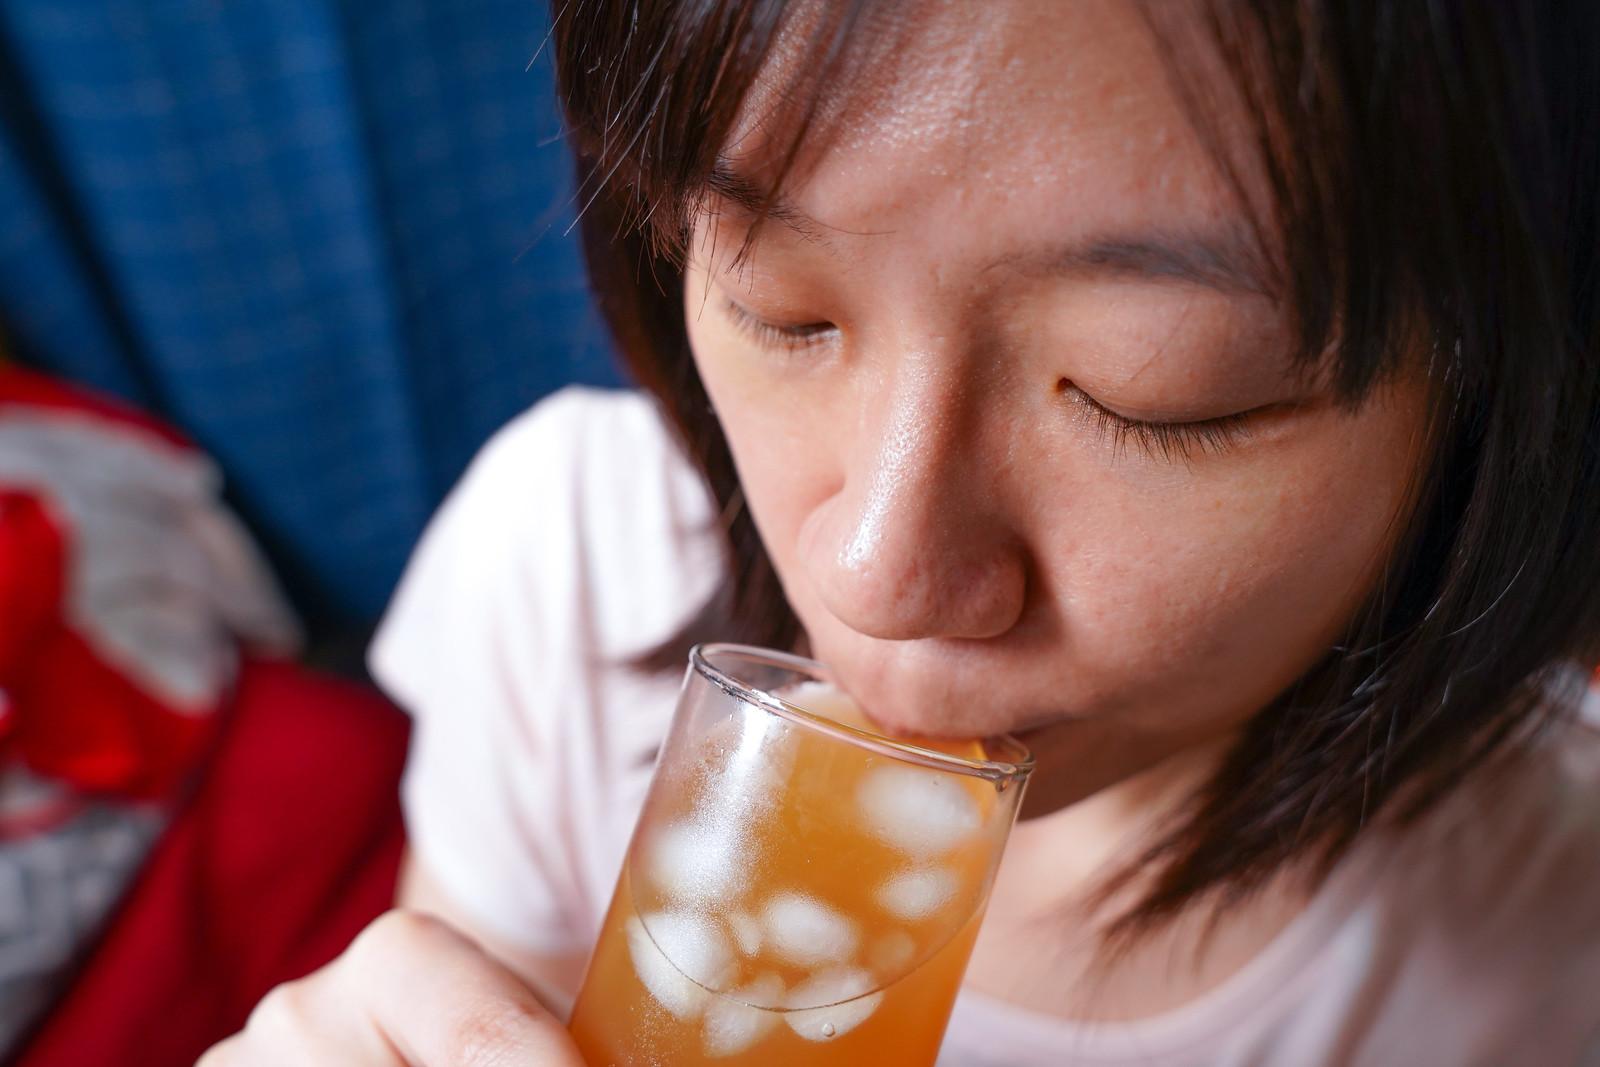 試喝蜂蜜檸檬紅茶